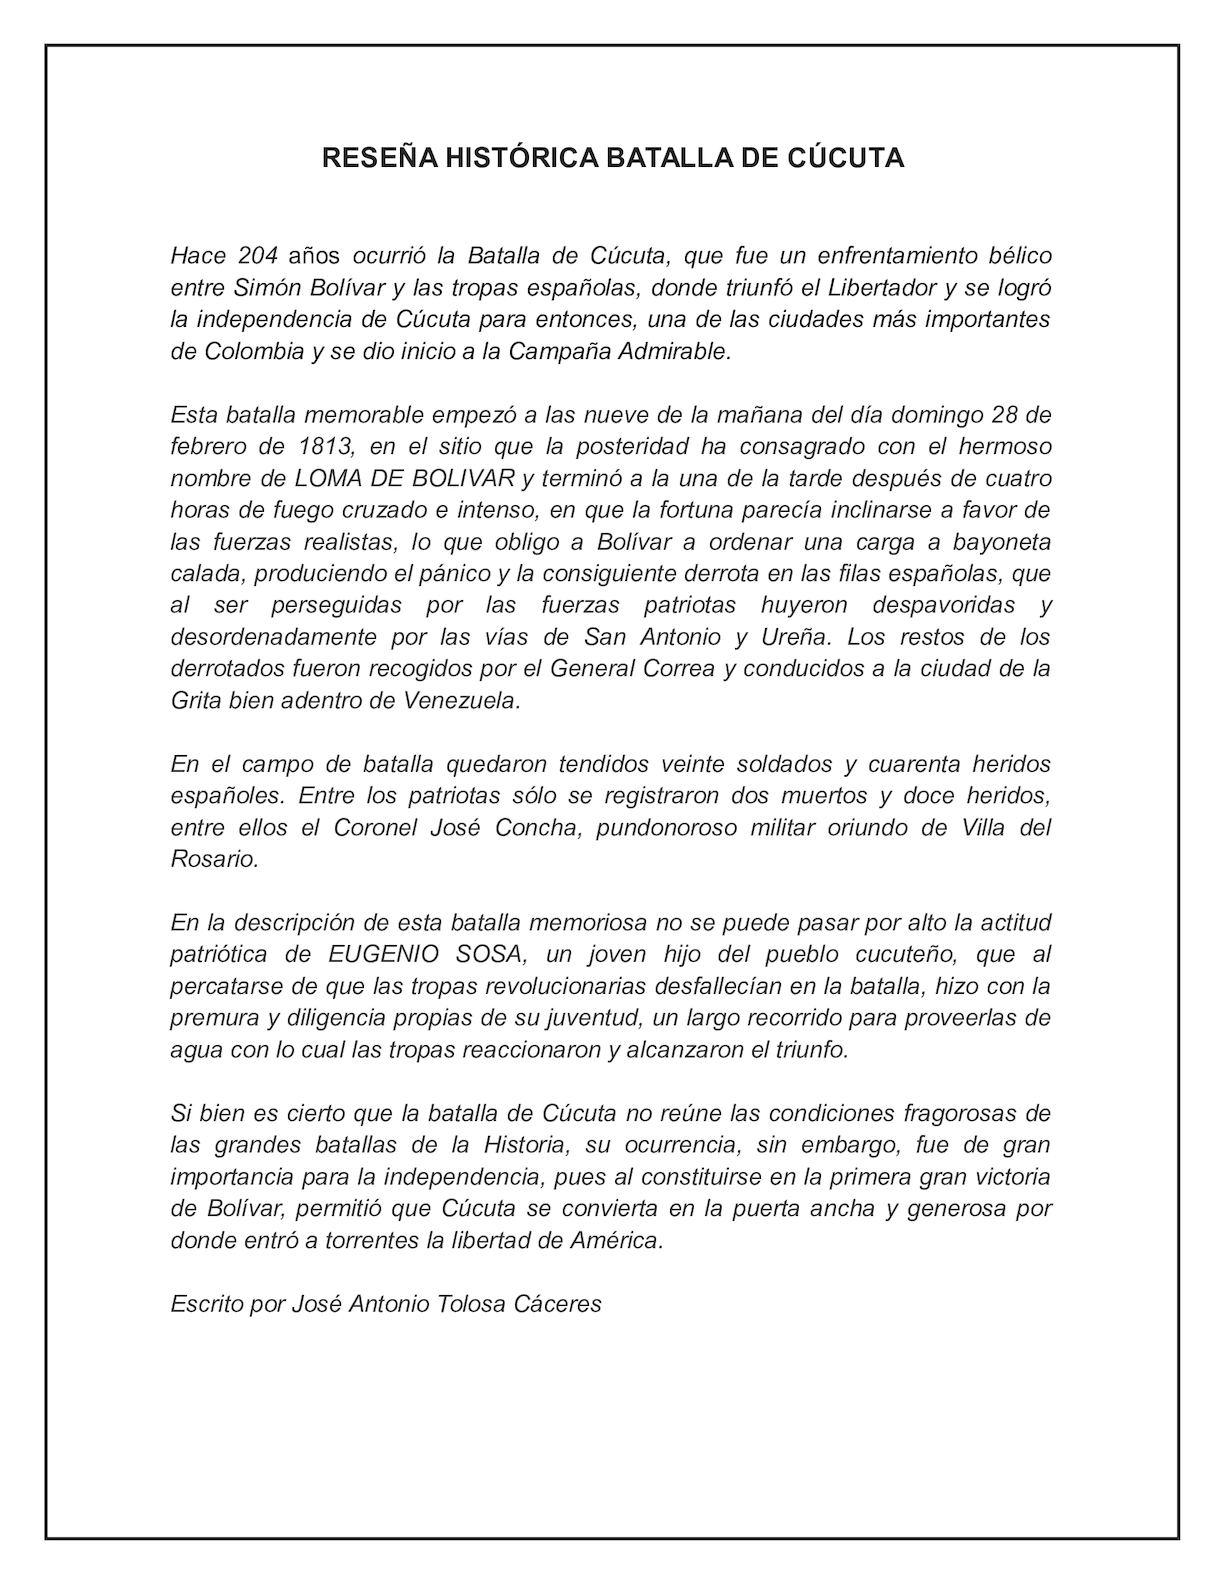 Reseña Histórica Sobre La Batalla De Cúcuta